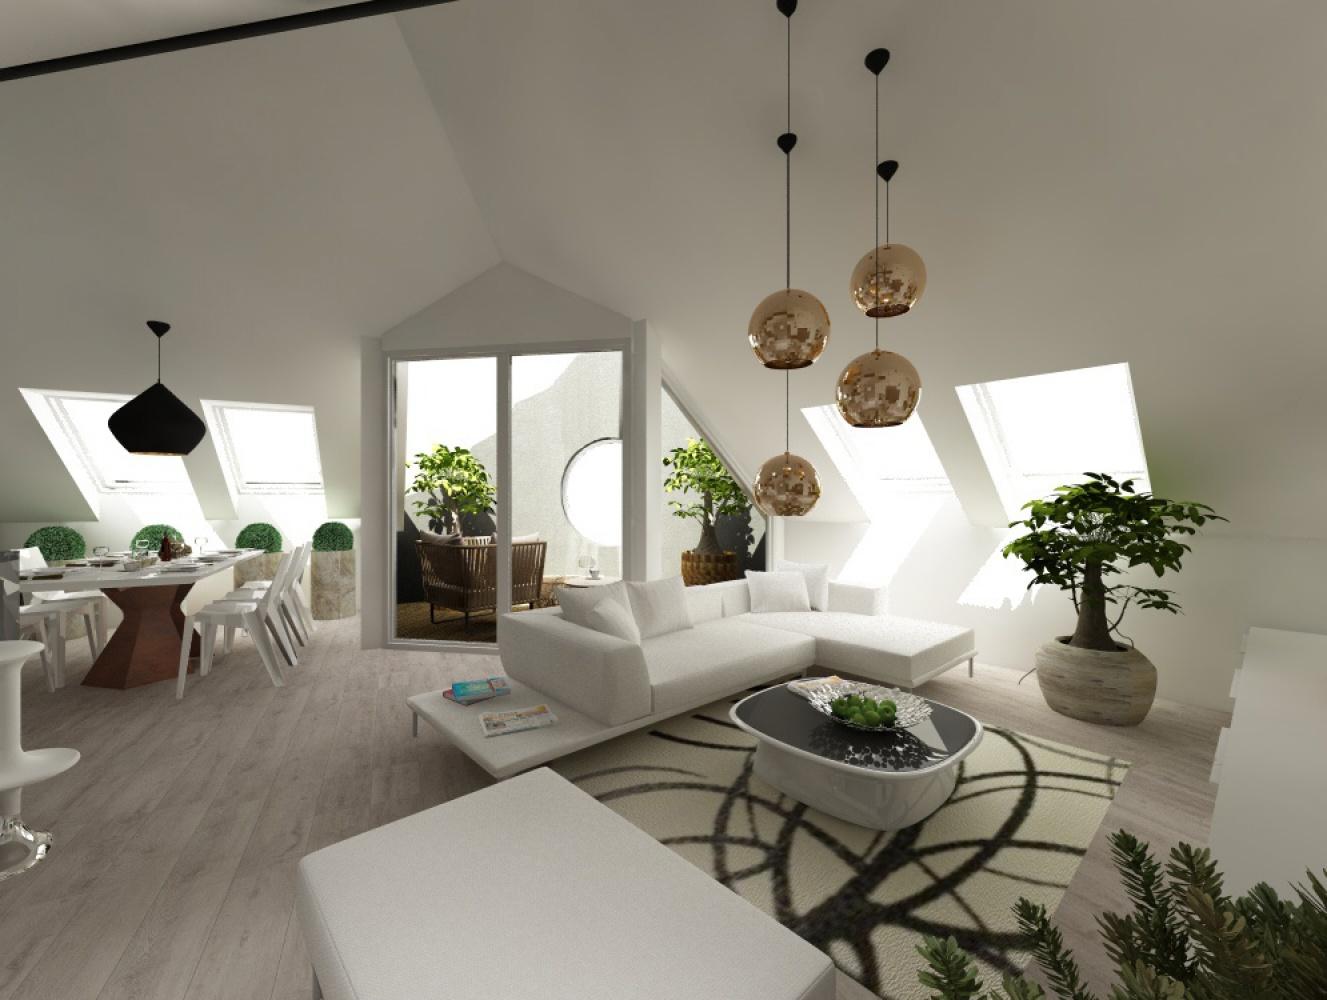 Půdní byt 5+kk, plocha 158 m², ulice Srbská, Praha 6 - Dejvice | 3